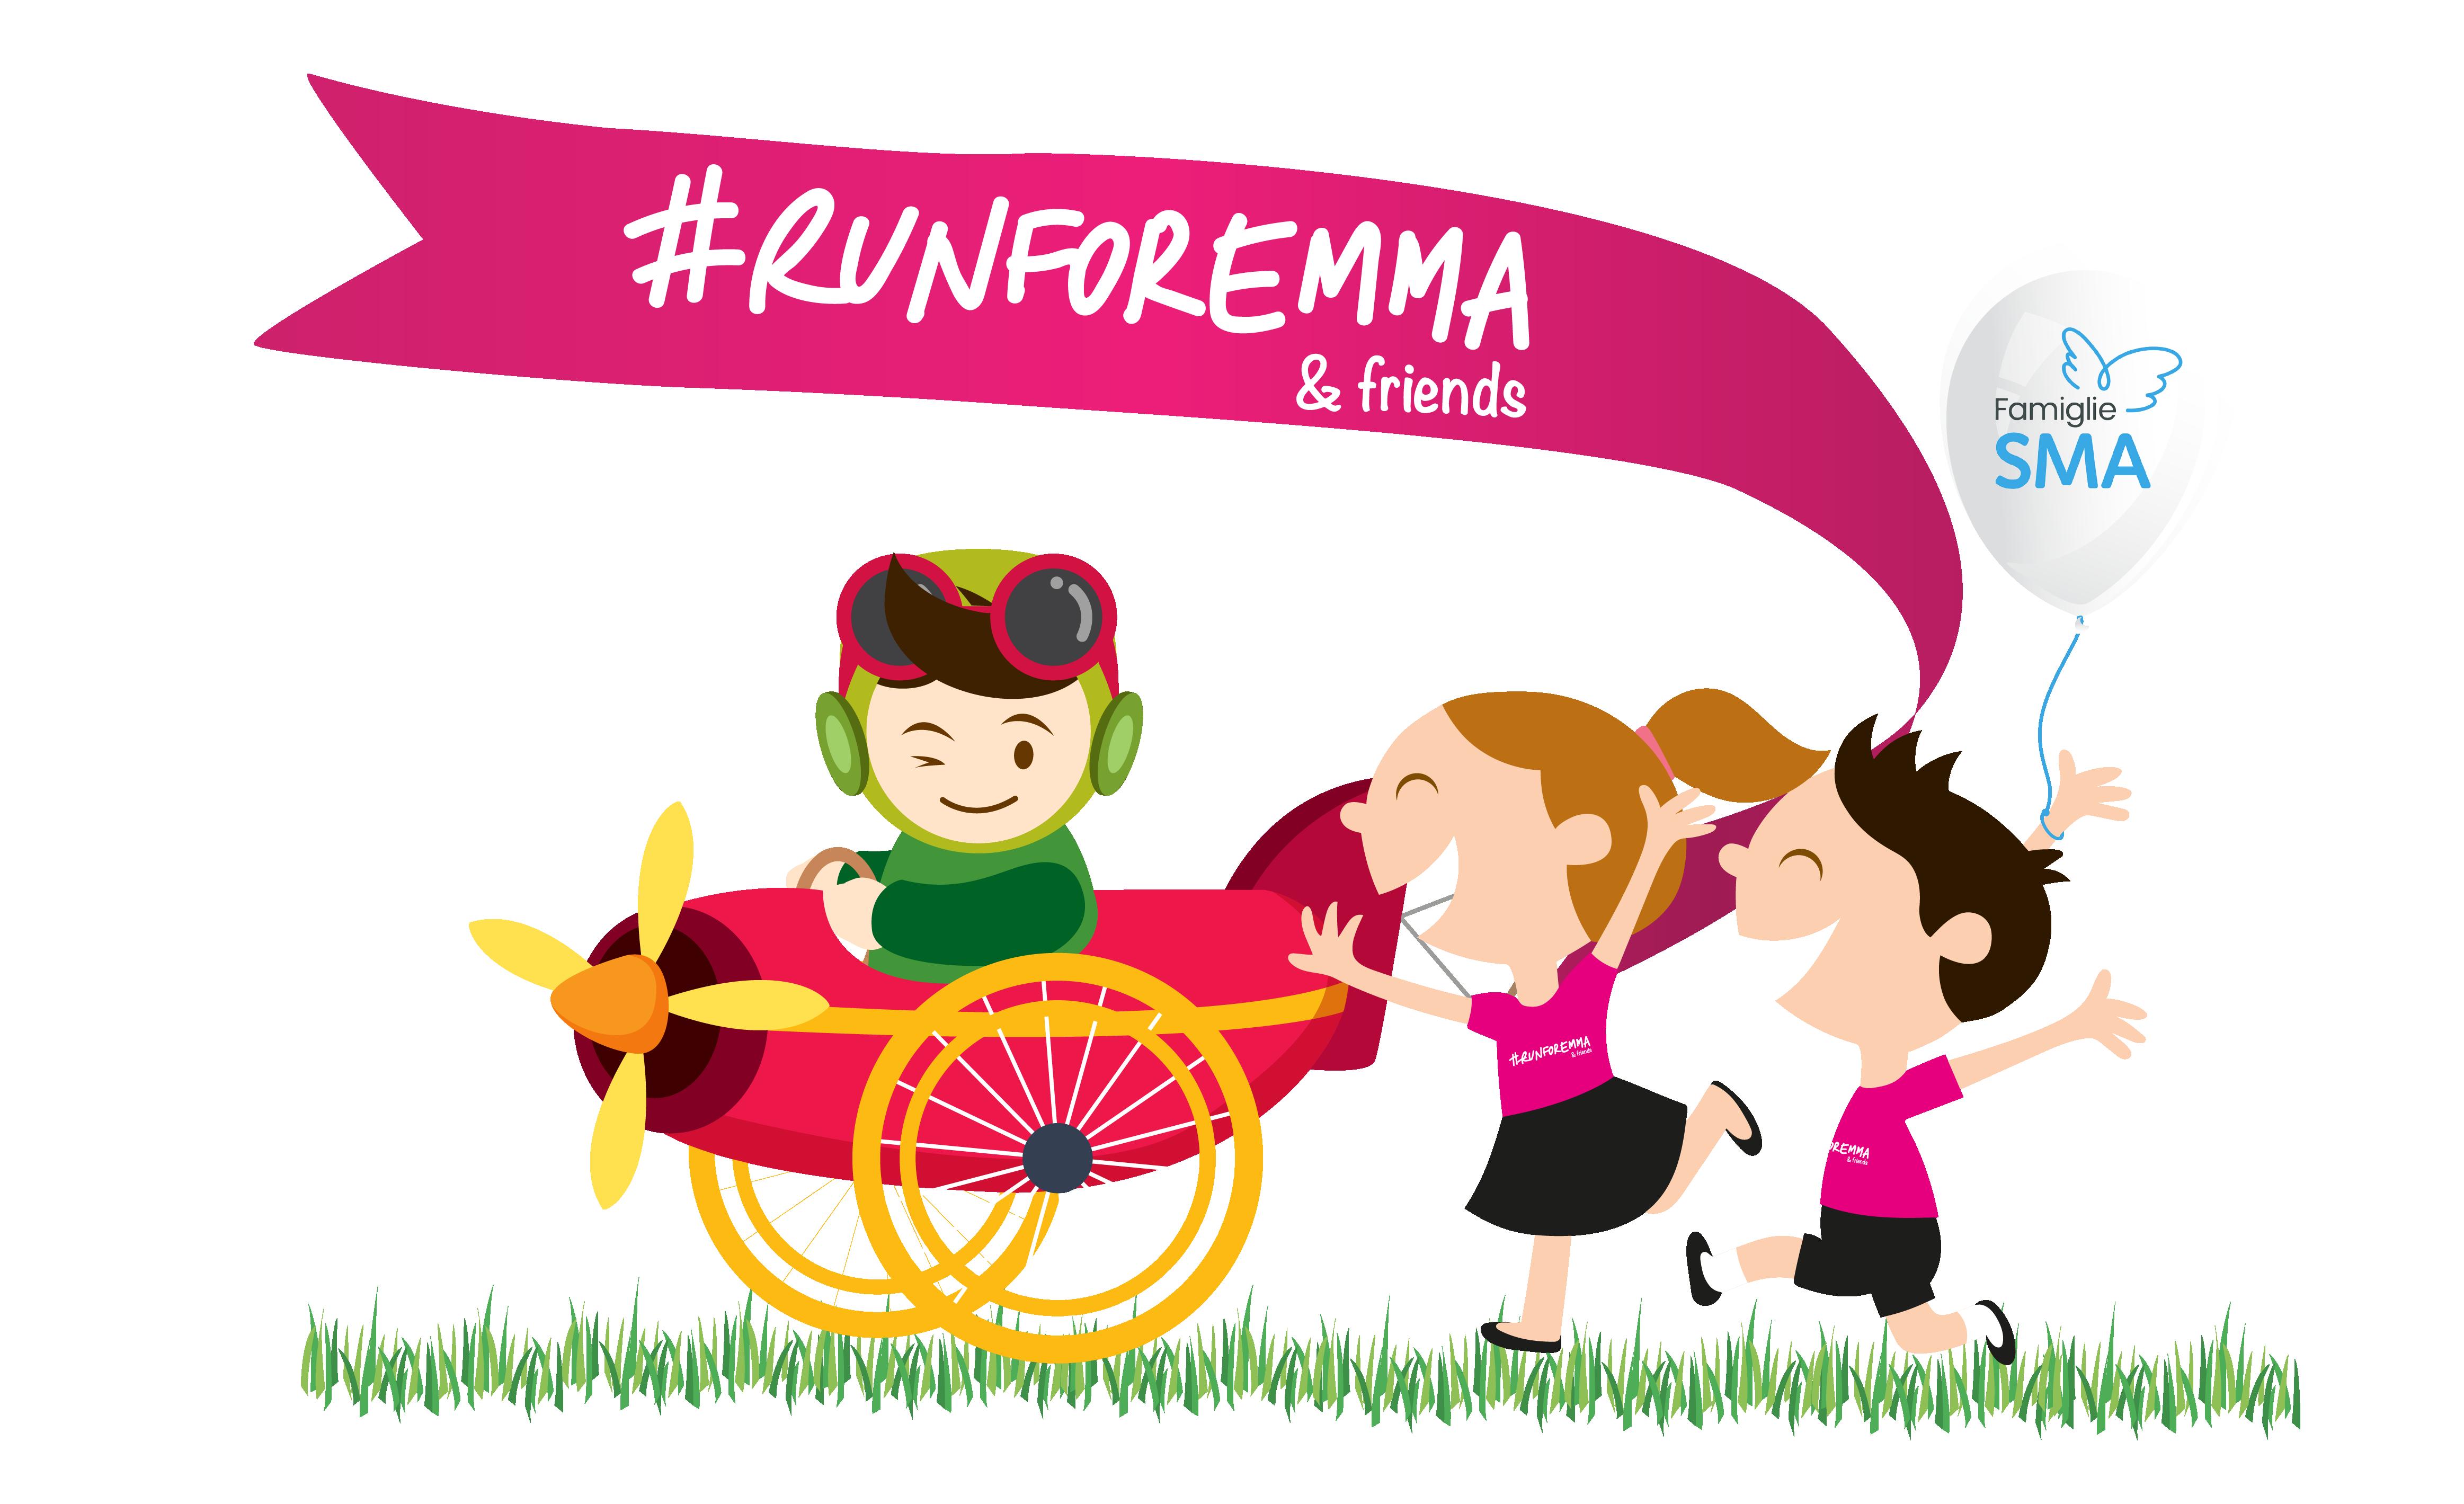 Rete del Dono - #RUNFOREMMA...& friends e Famiglie SMA